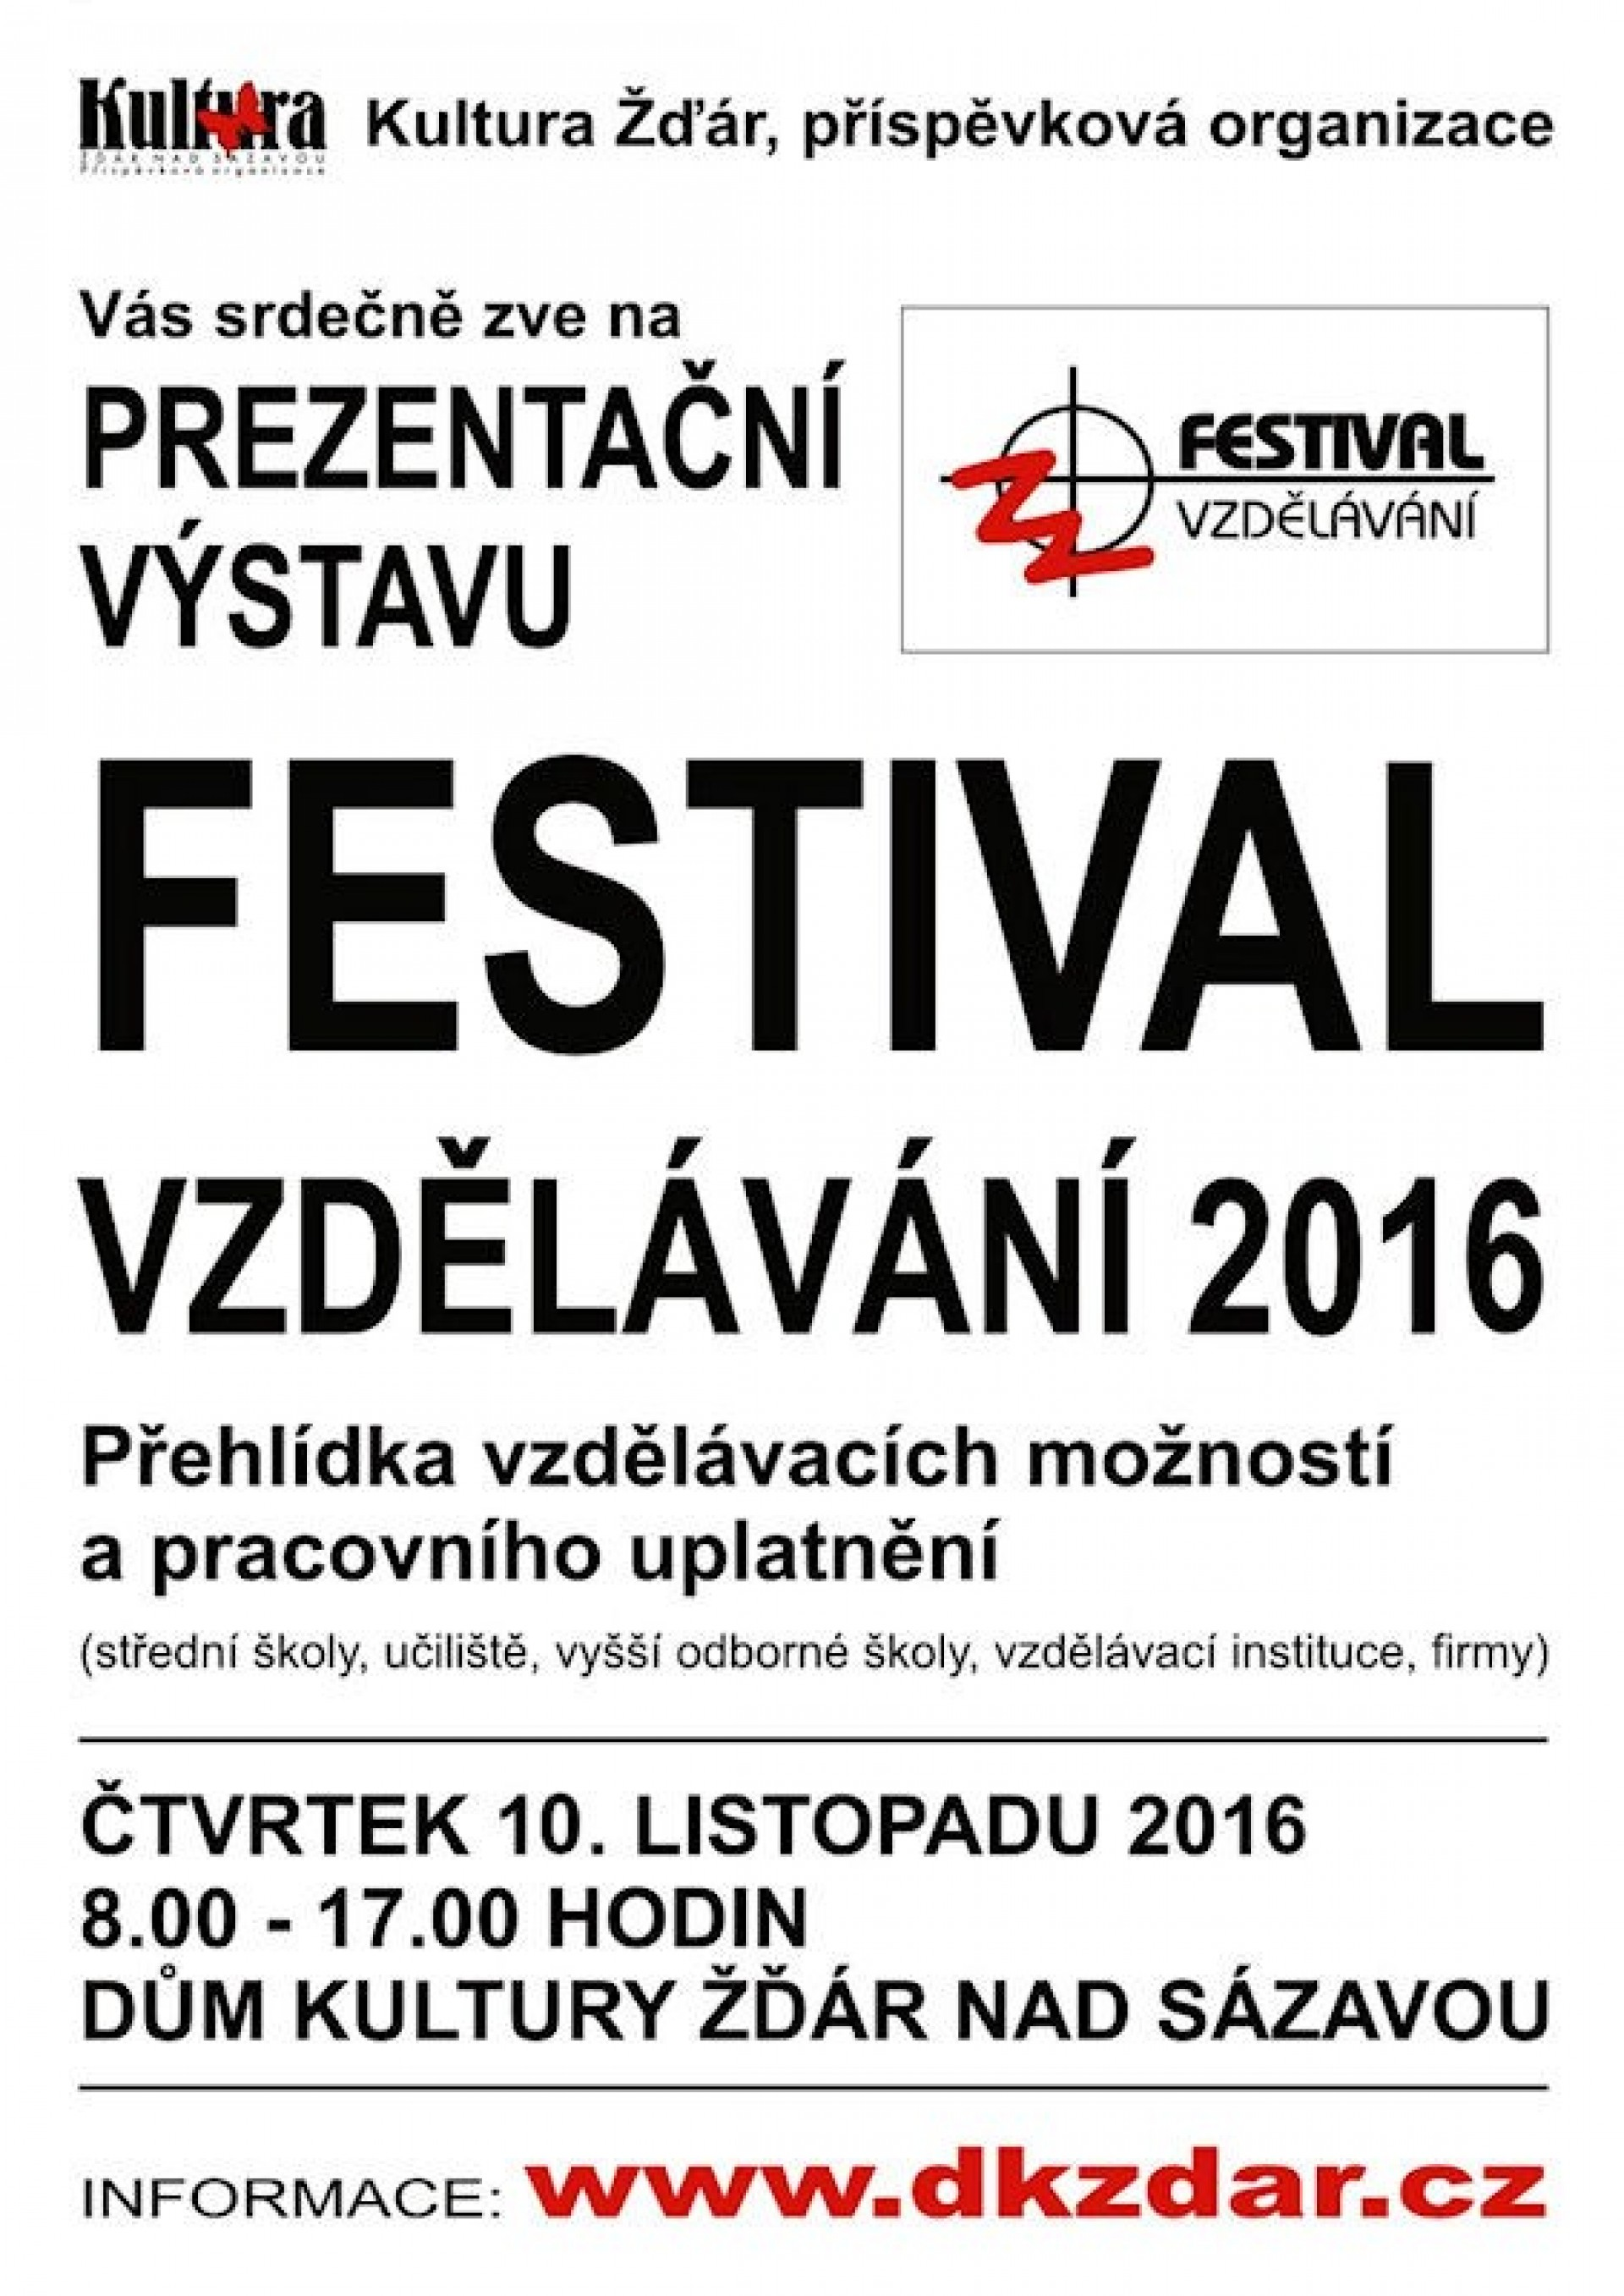 Festival vzdělávání 2016